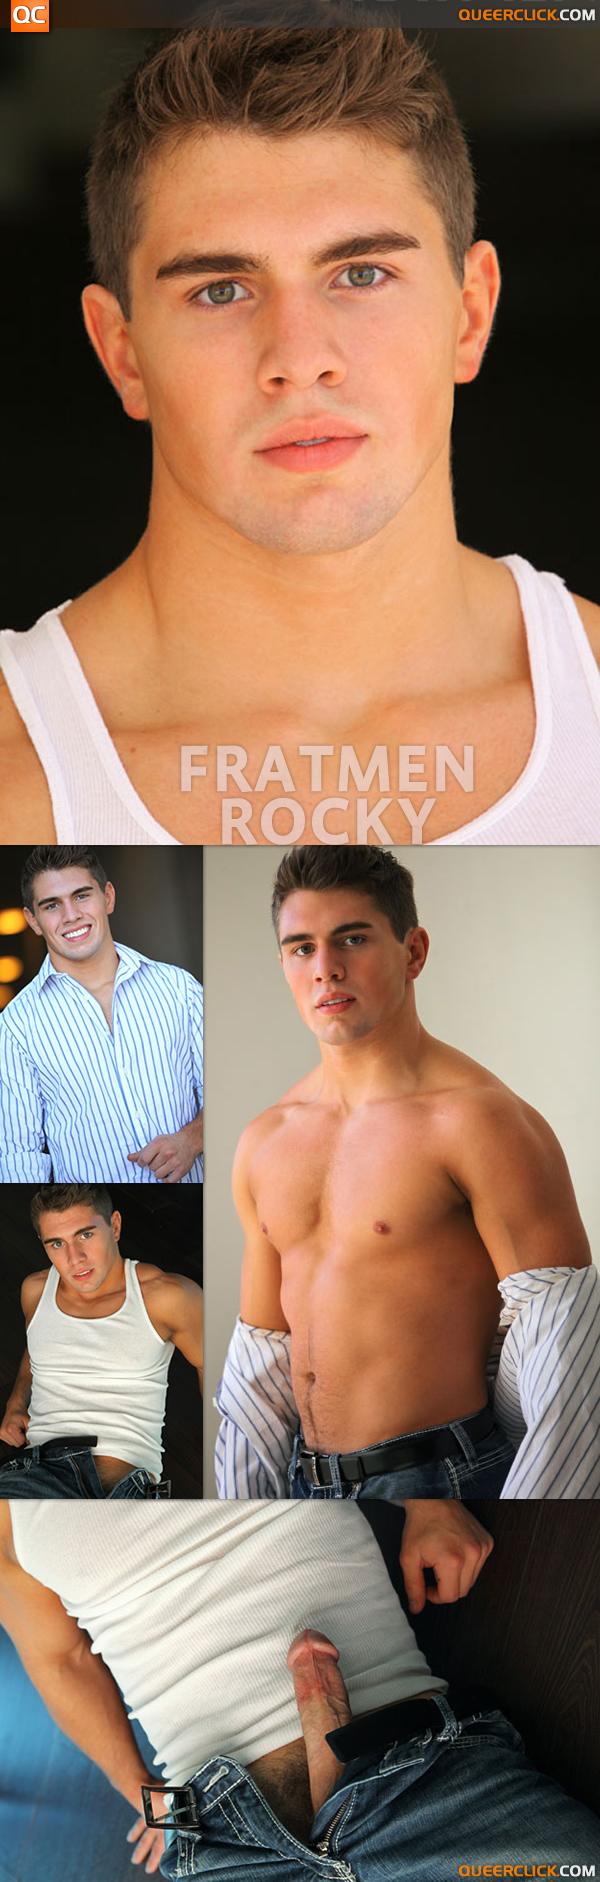 Fratmen Rocky